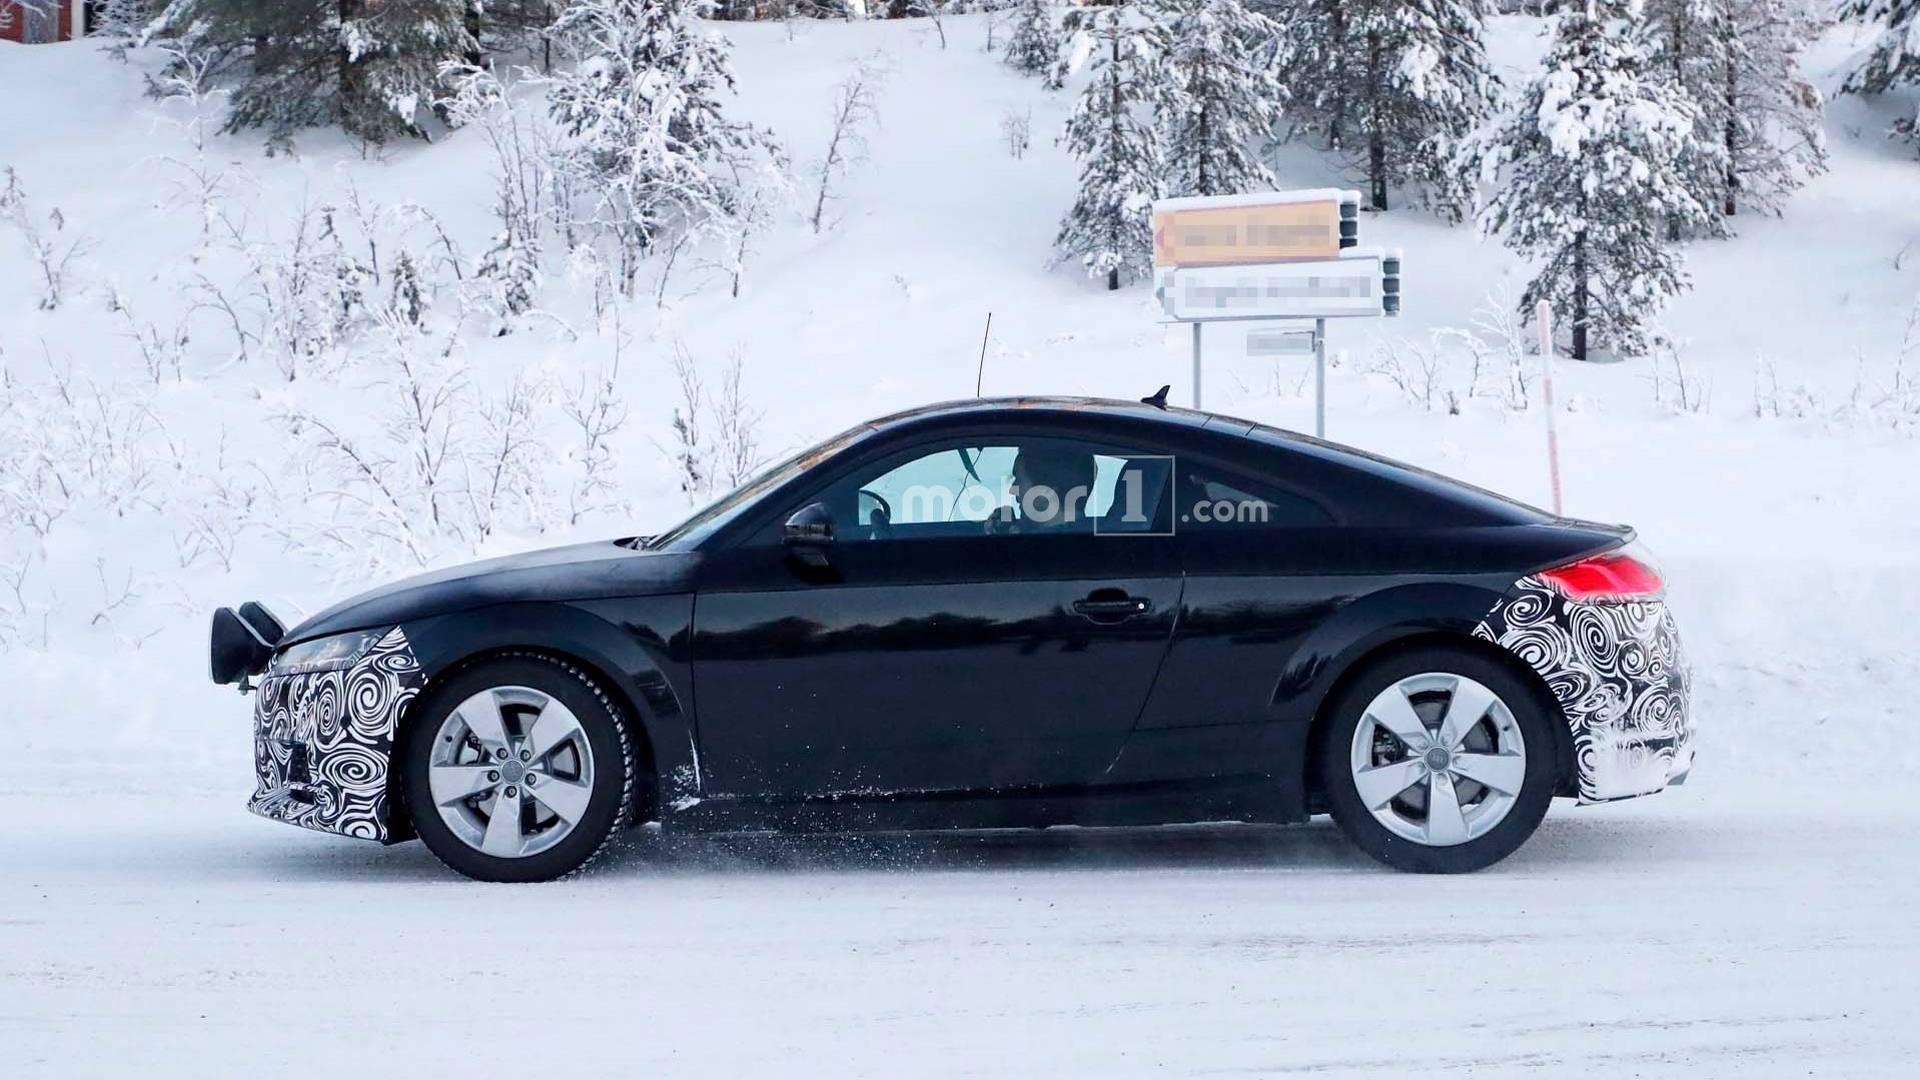 آئودی TT کوپه - اجاره خودرو - اجاره ماشین - کرایه ماشین